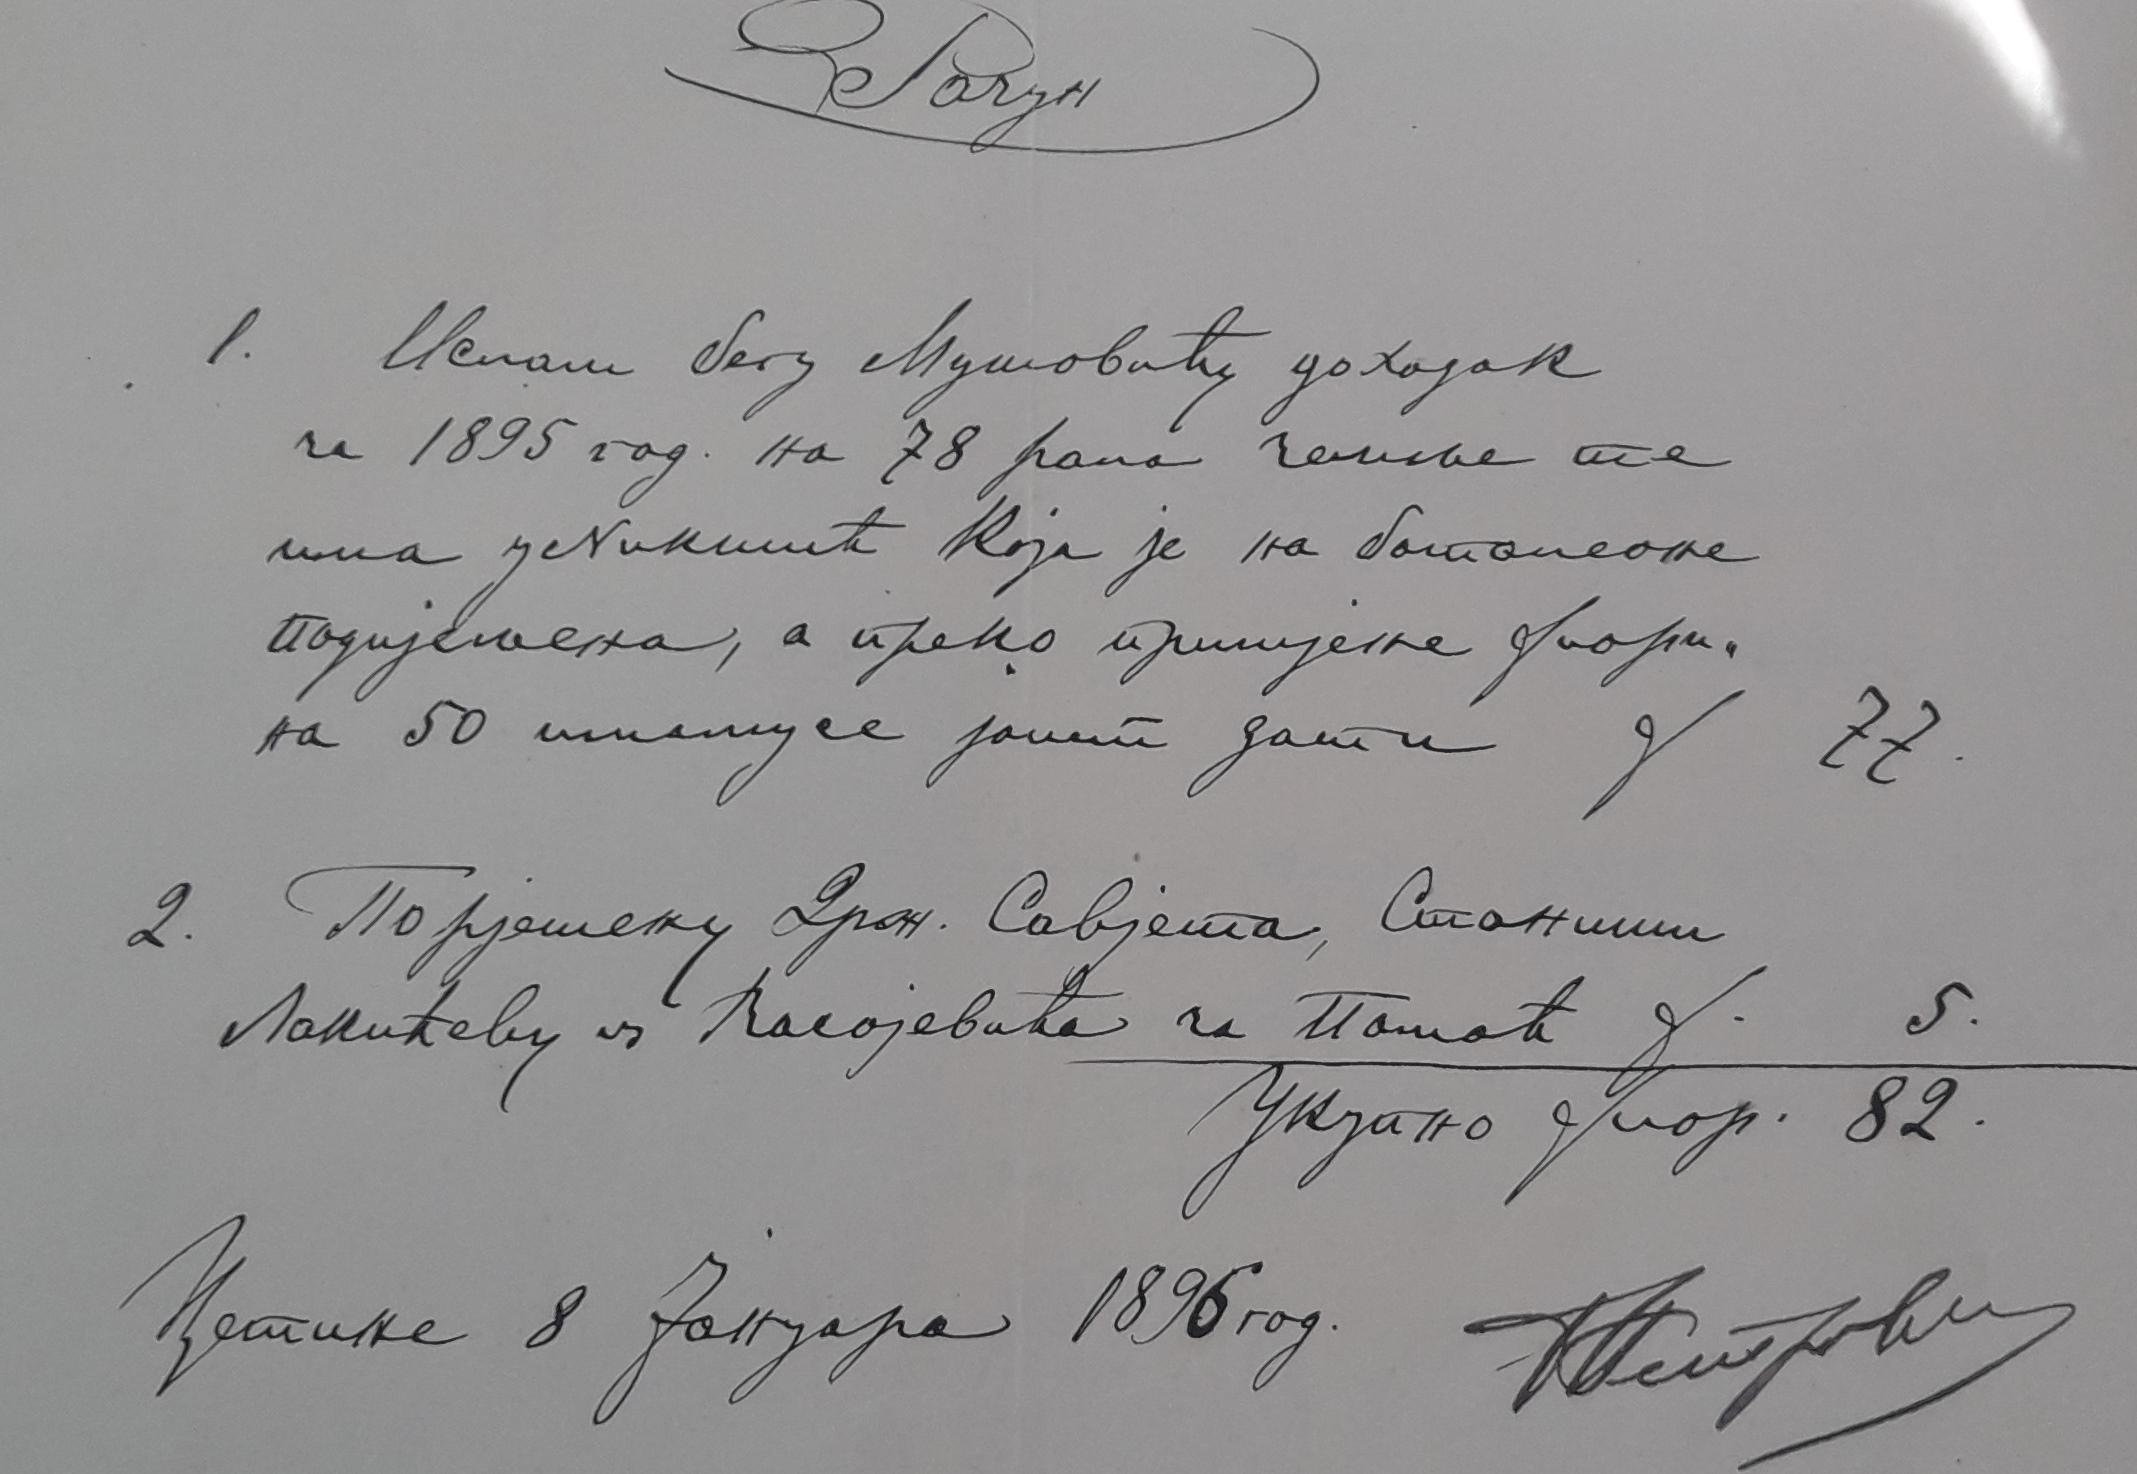 17. Račun od dohotka sa zemlje za Islam bega Mušovića, januar 1896. godine